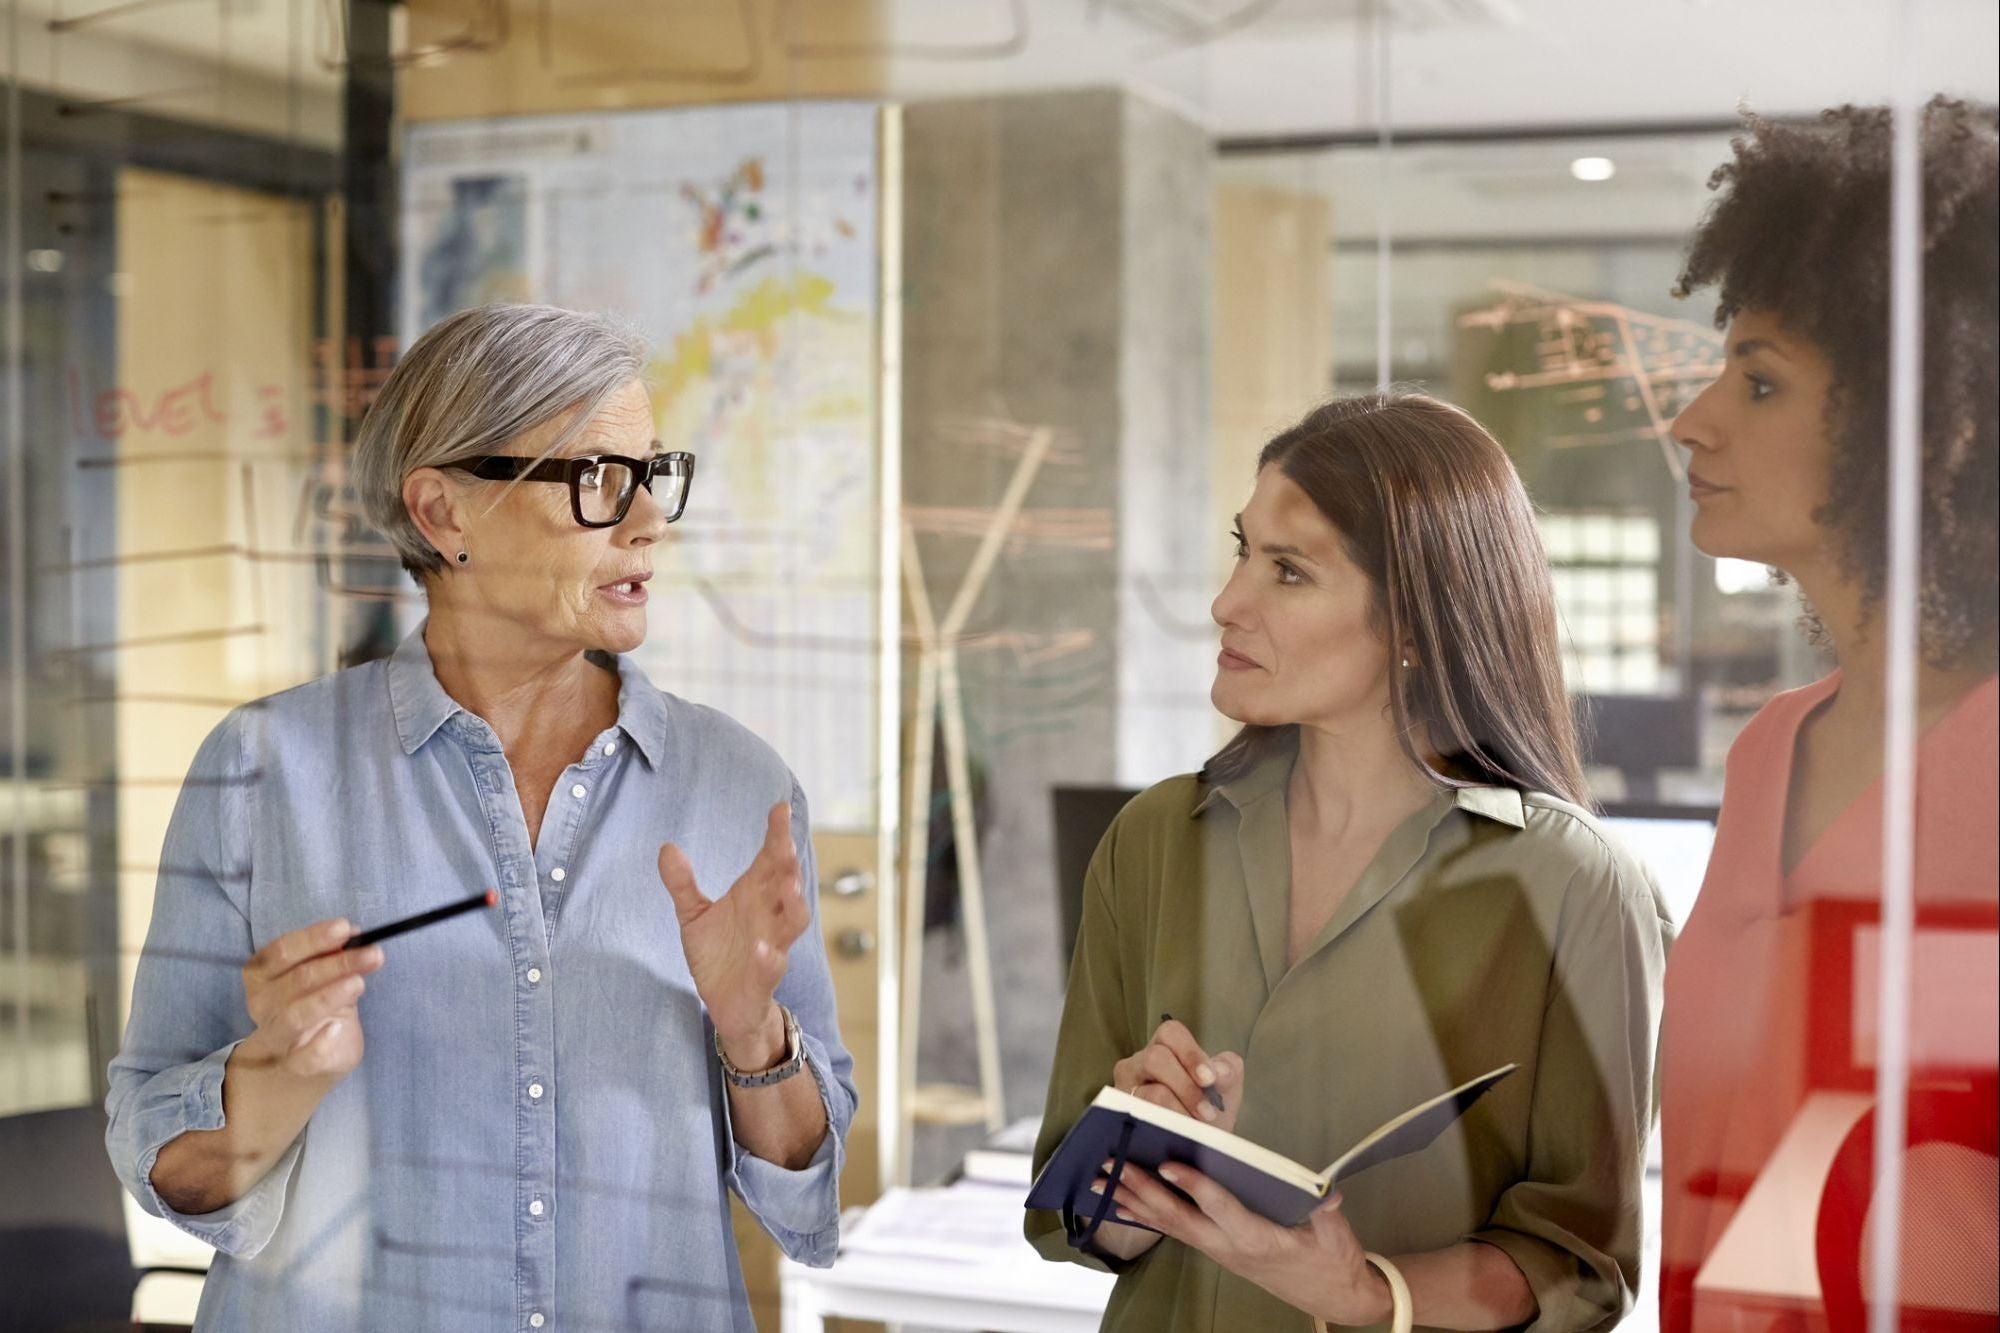 ¿Tienes más de 40 años y estás listo para ser un emprendedor? Aquí te decimos cómo triunfar con esta nueva aventura